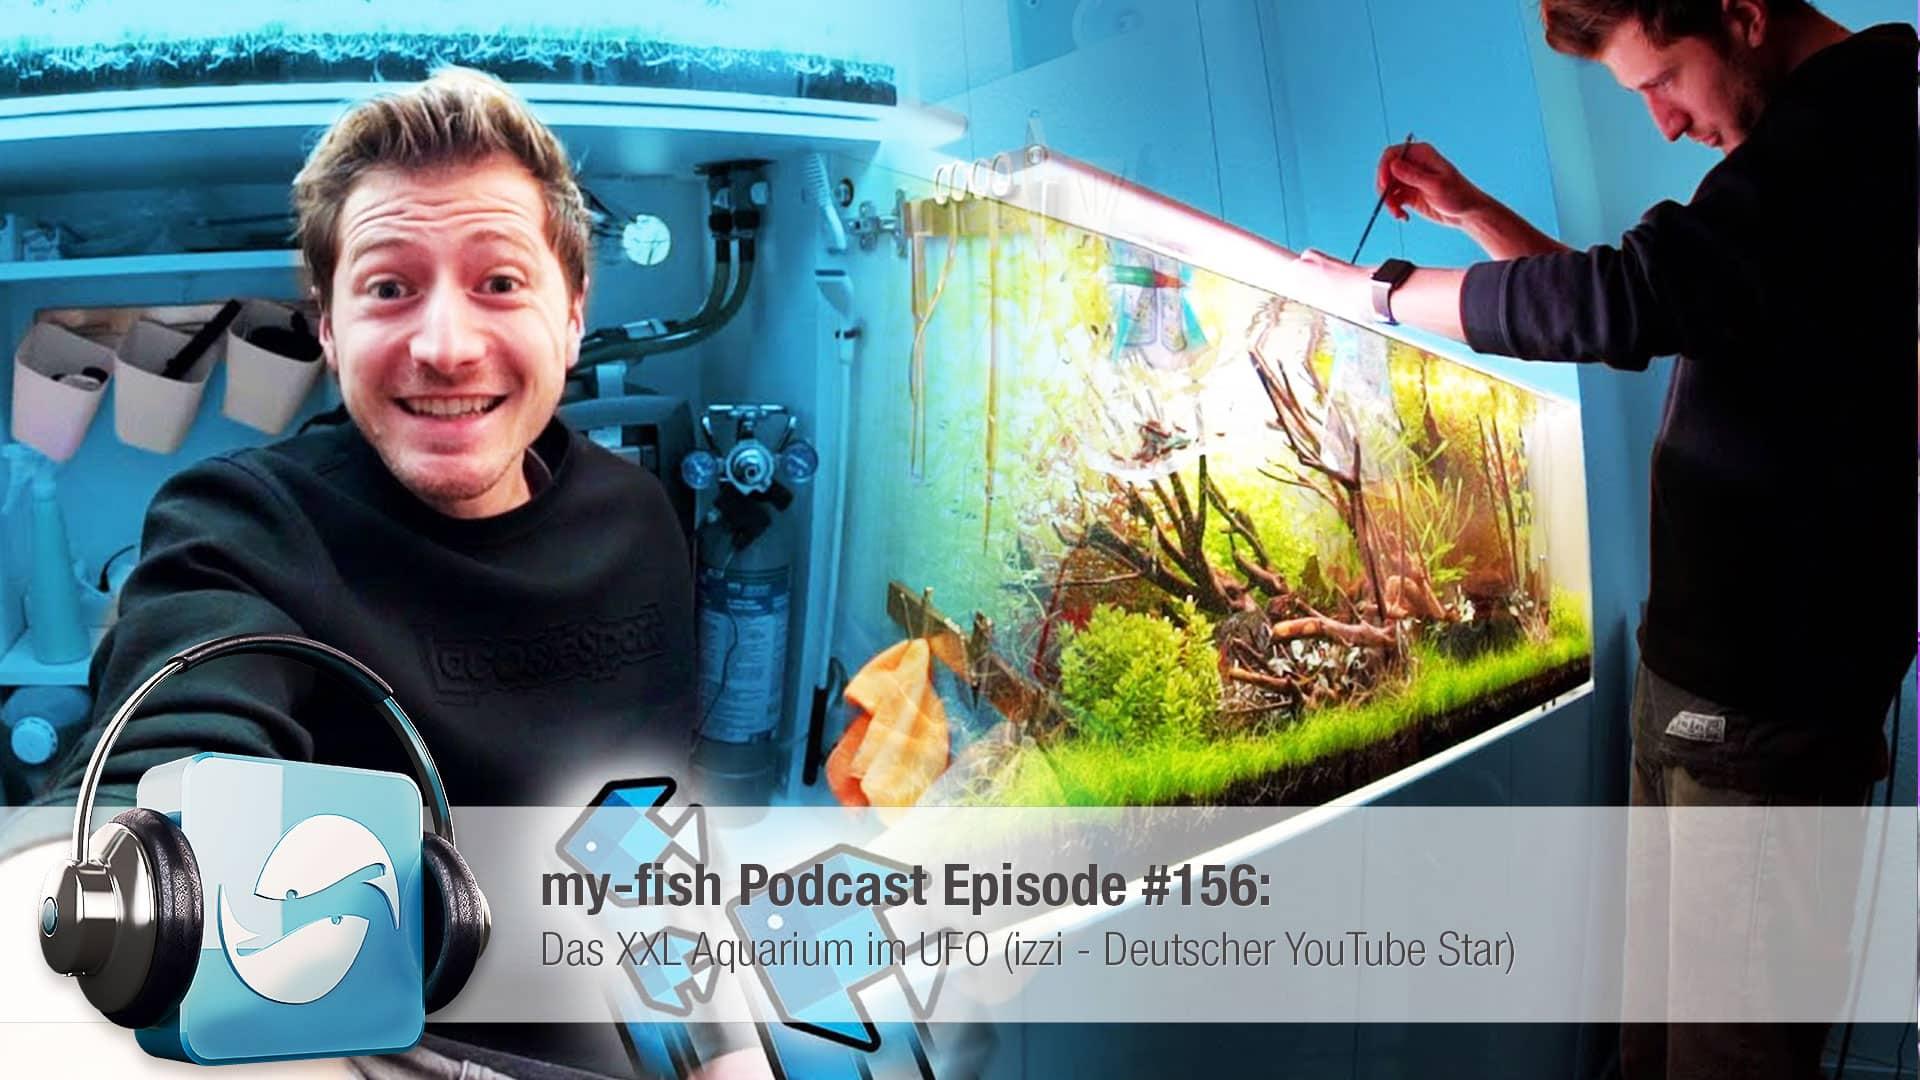 156 : Das XXL Aquarium und das UFO (izzi - Deutscher YouTube Star) 1